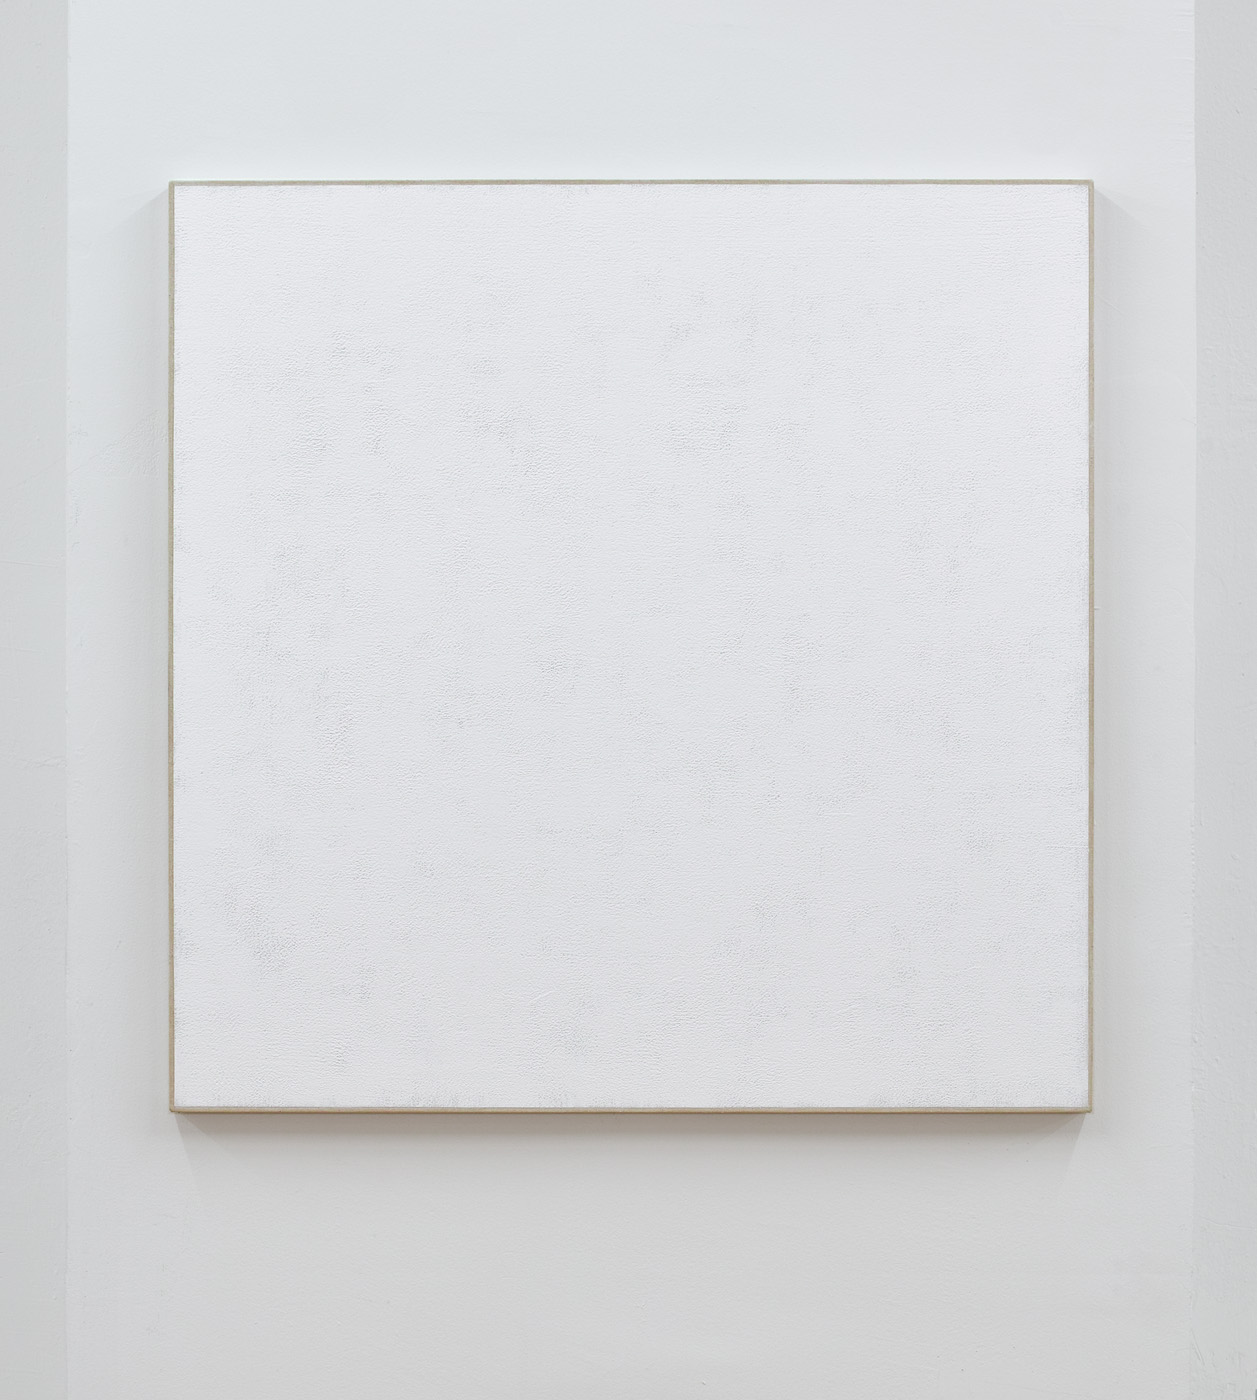 """Thalia  Oil on cotton,30"""" x 29-1/2"""",  2012-2014."""